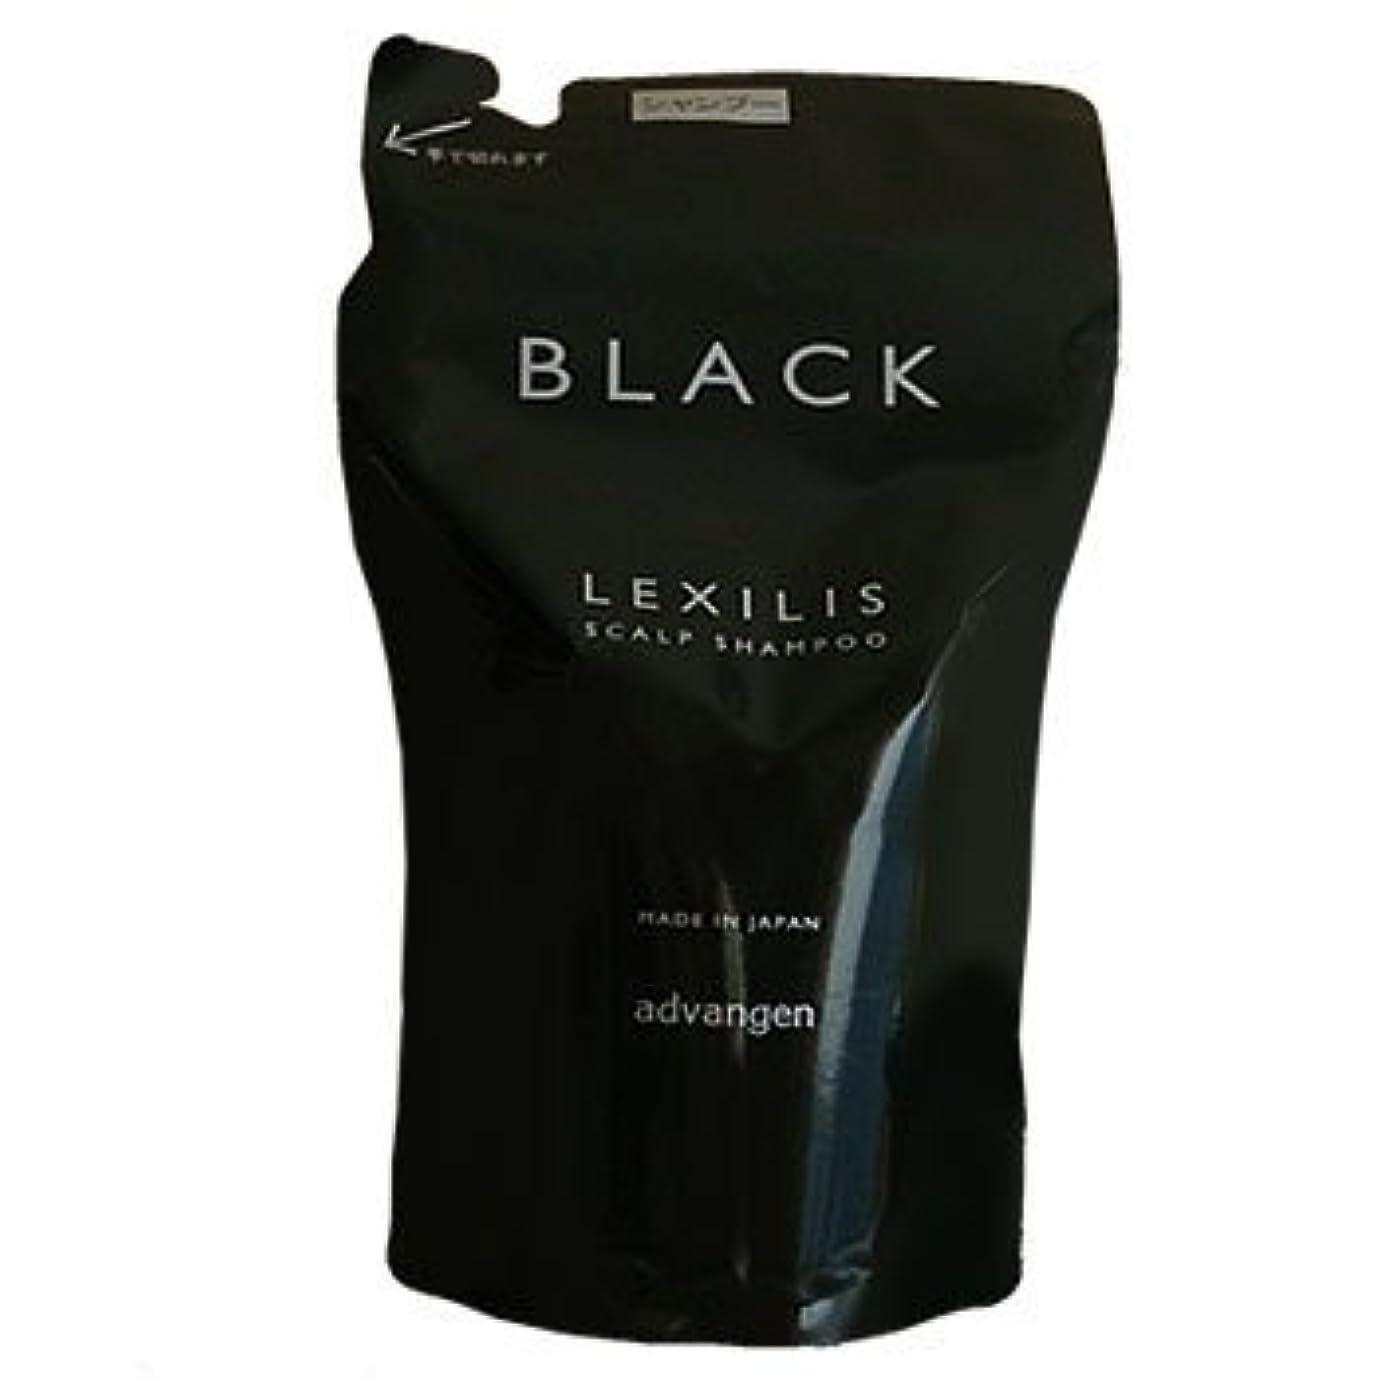 非行増強するブラストadvangen(アドバンジェン) レキシリス ブラック スカルプシャンプー 700ml レフィル